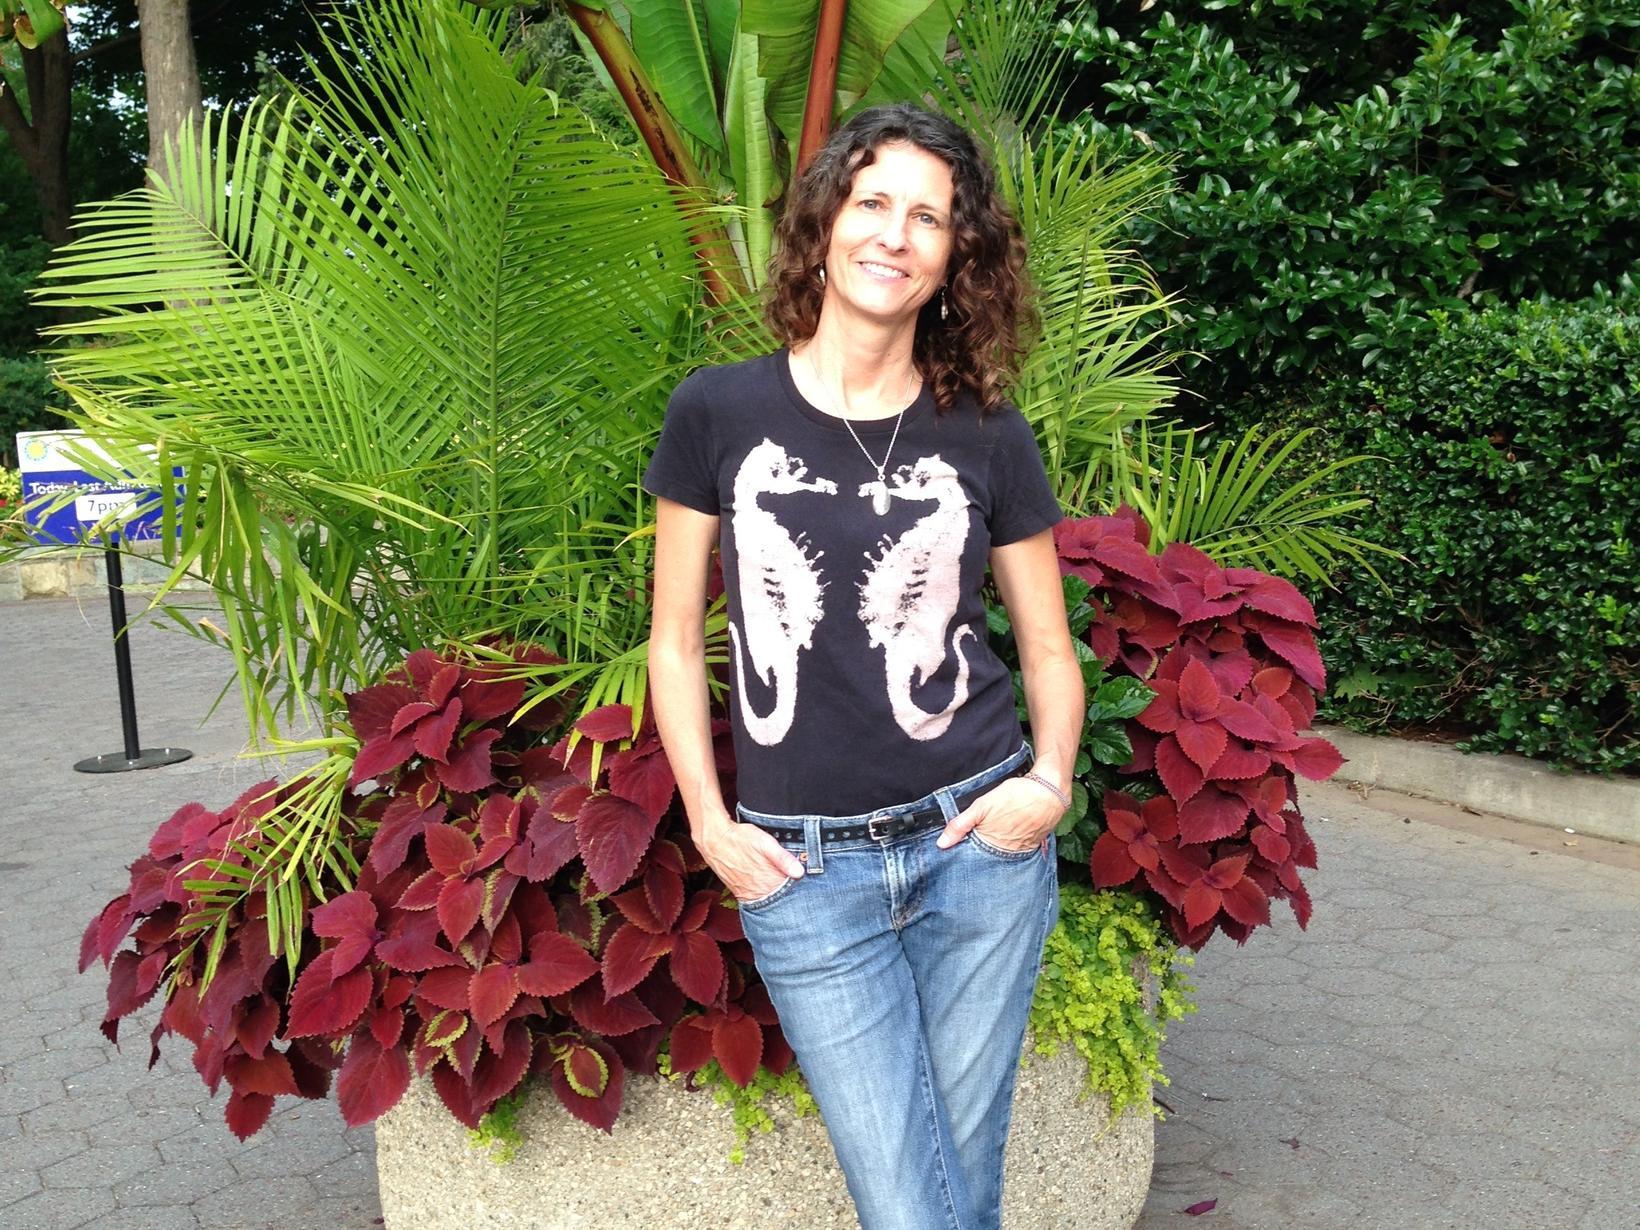 Lydia from Washington, D.C., Washington, D.C., United States